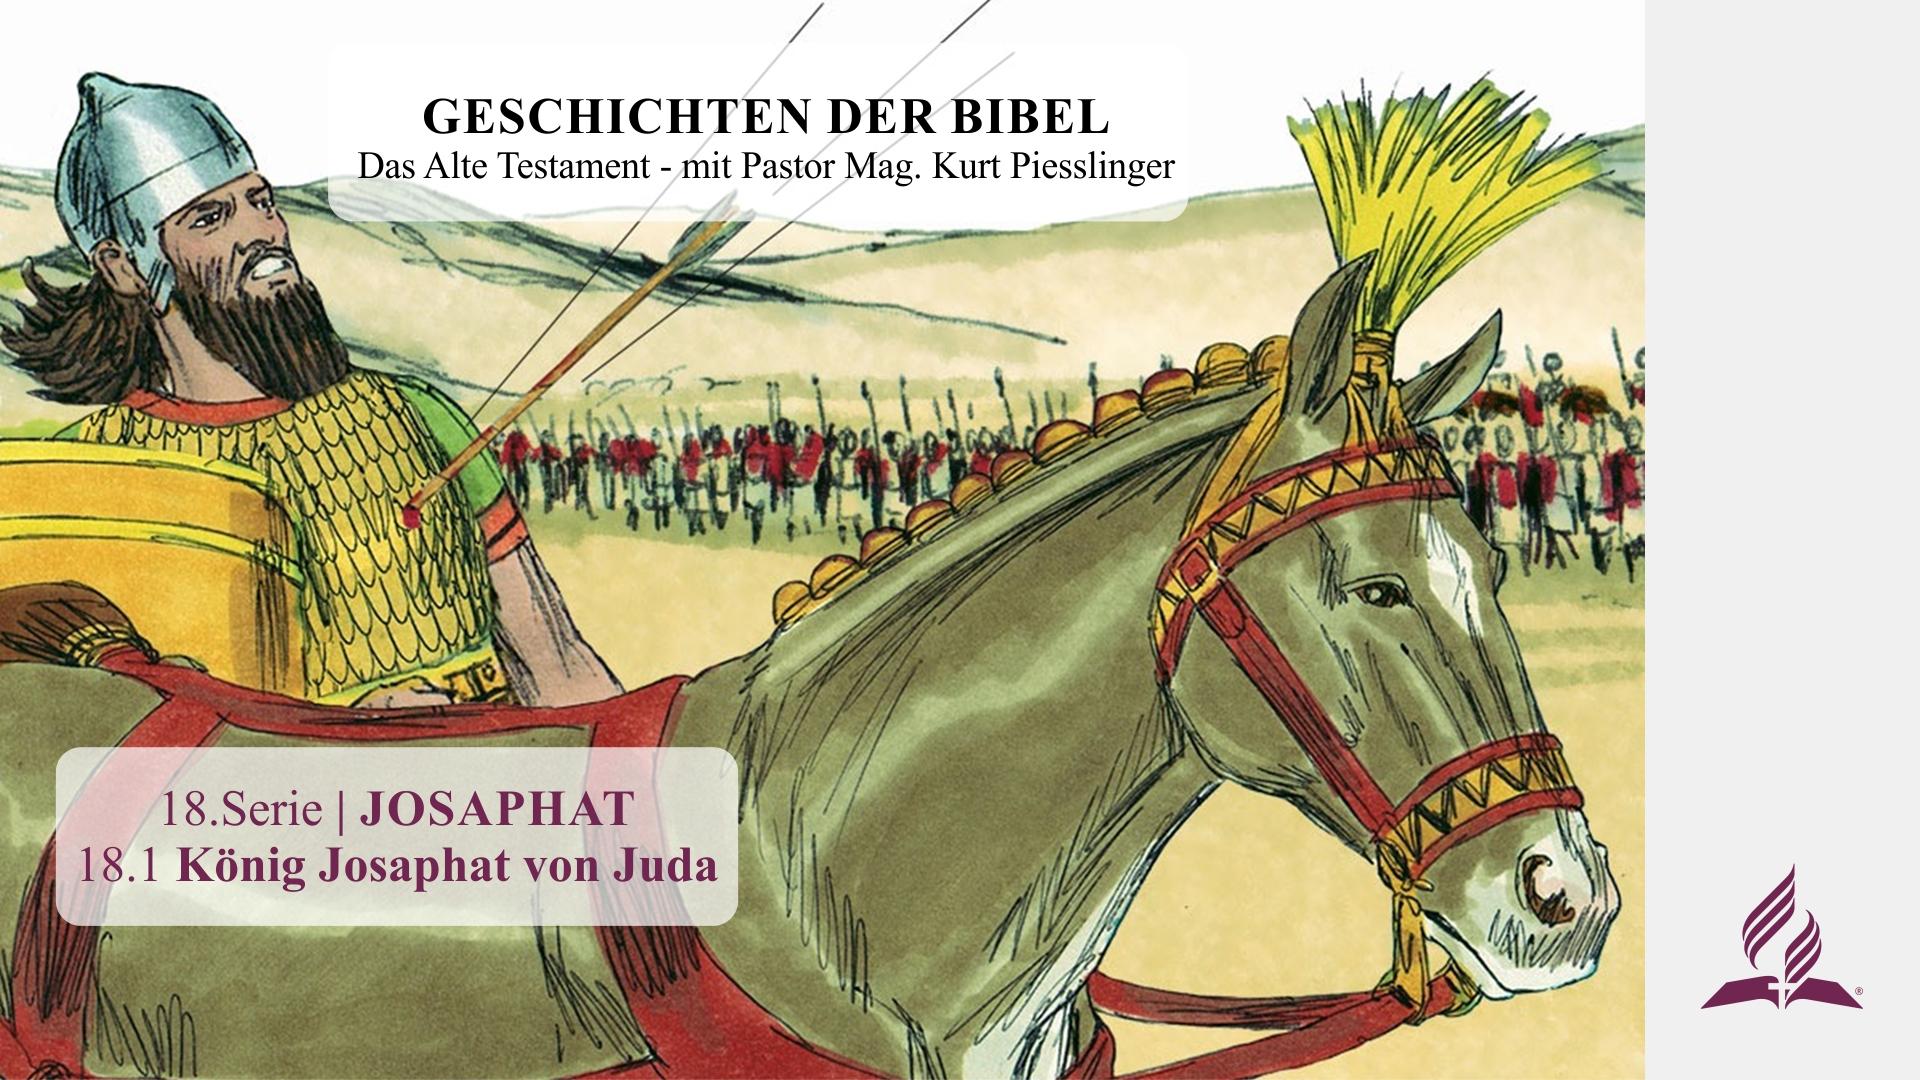 18.1 König Josaphat von Juda x